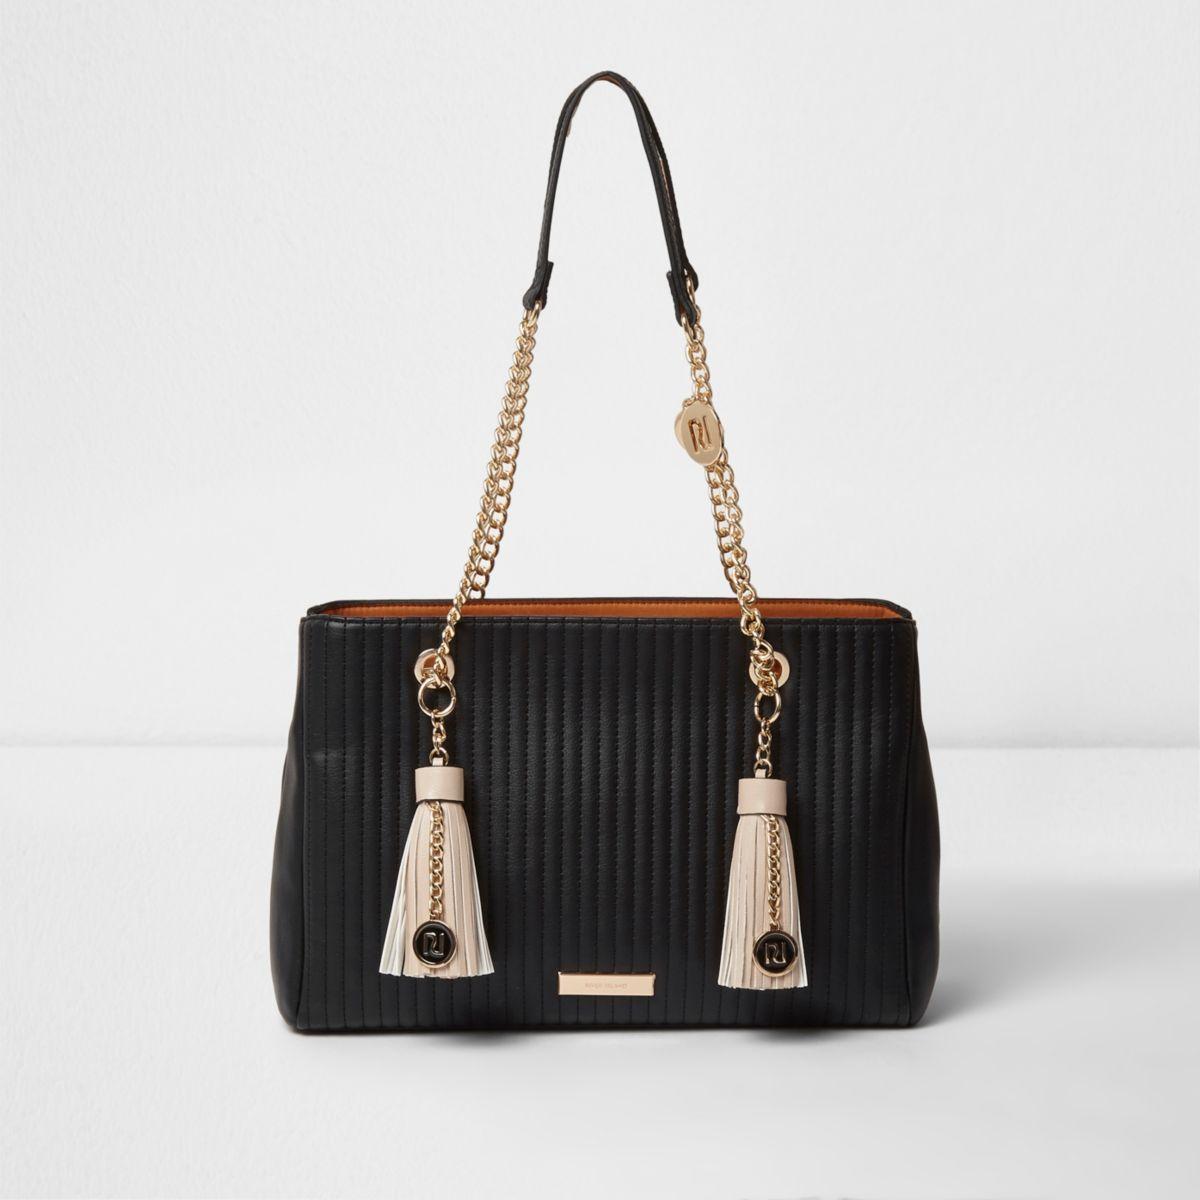 Zwarte handtas met twee kwastjes en ketting